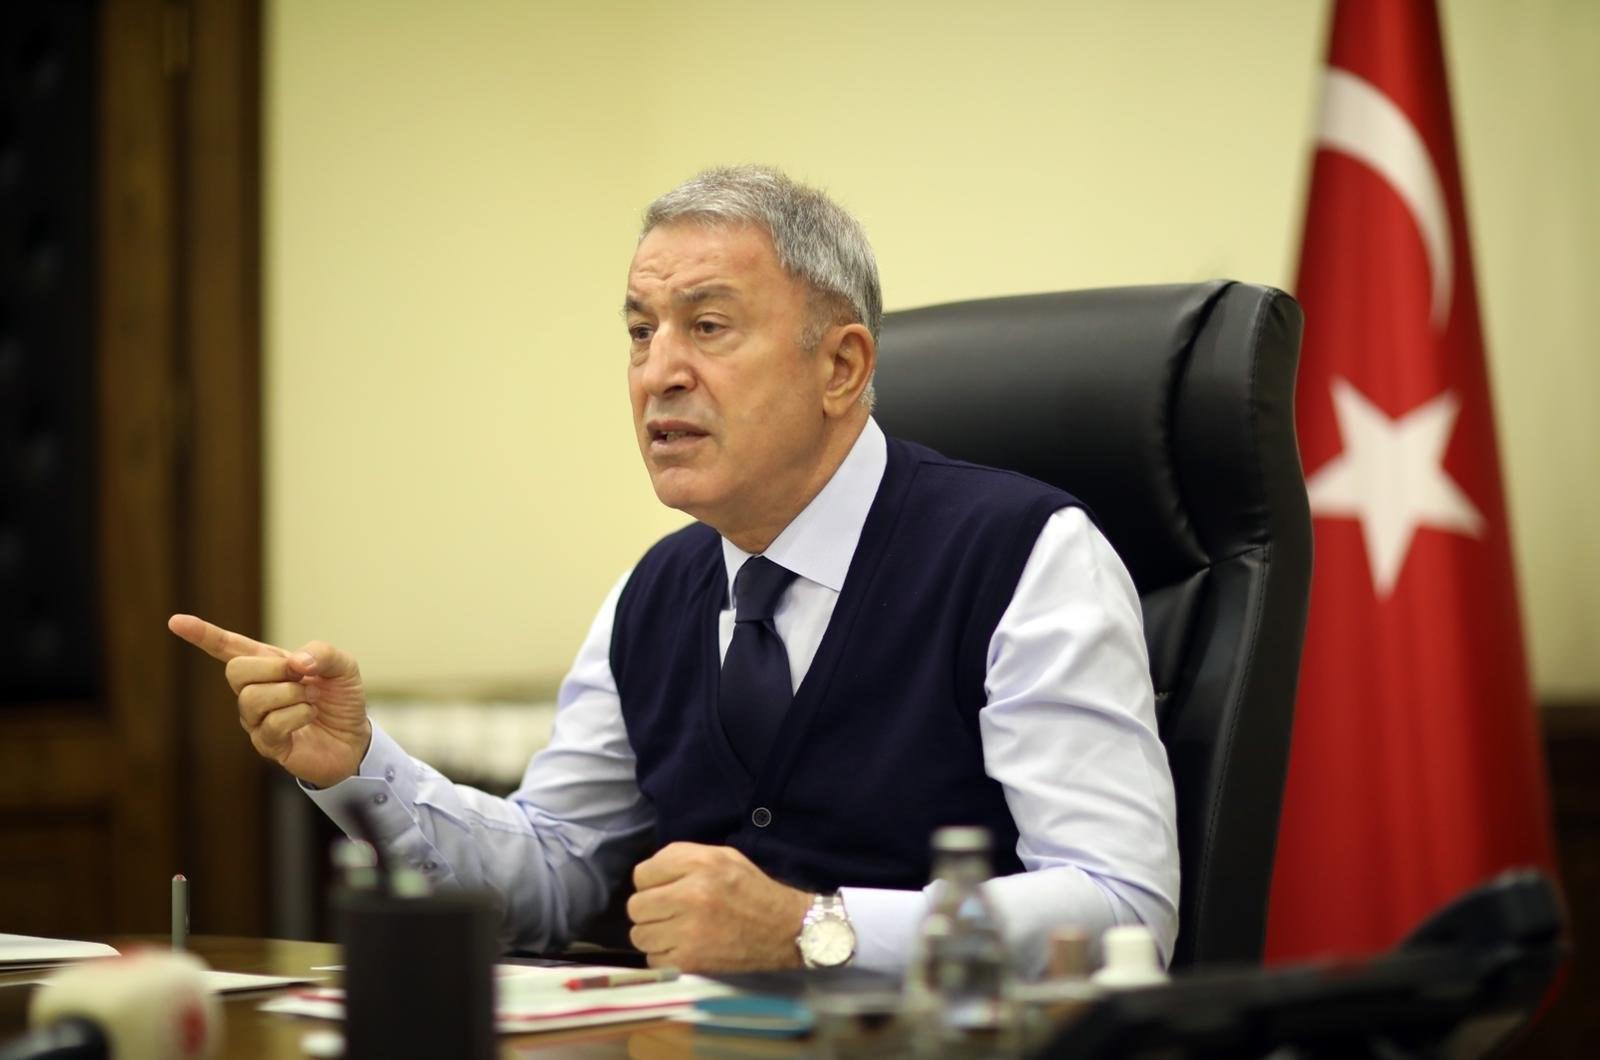 آكار: العقوبات ضد دولة عضو في الناتو ستقوّض الثقة بين الحلفاء (أ.ف.ب)